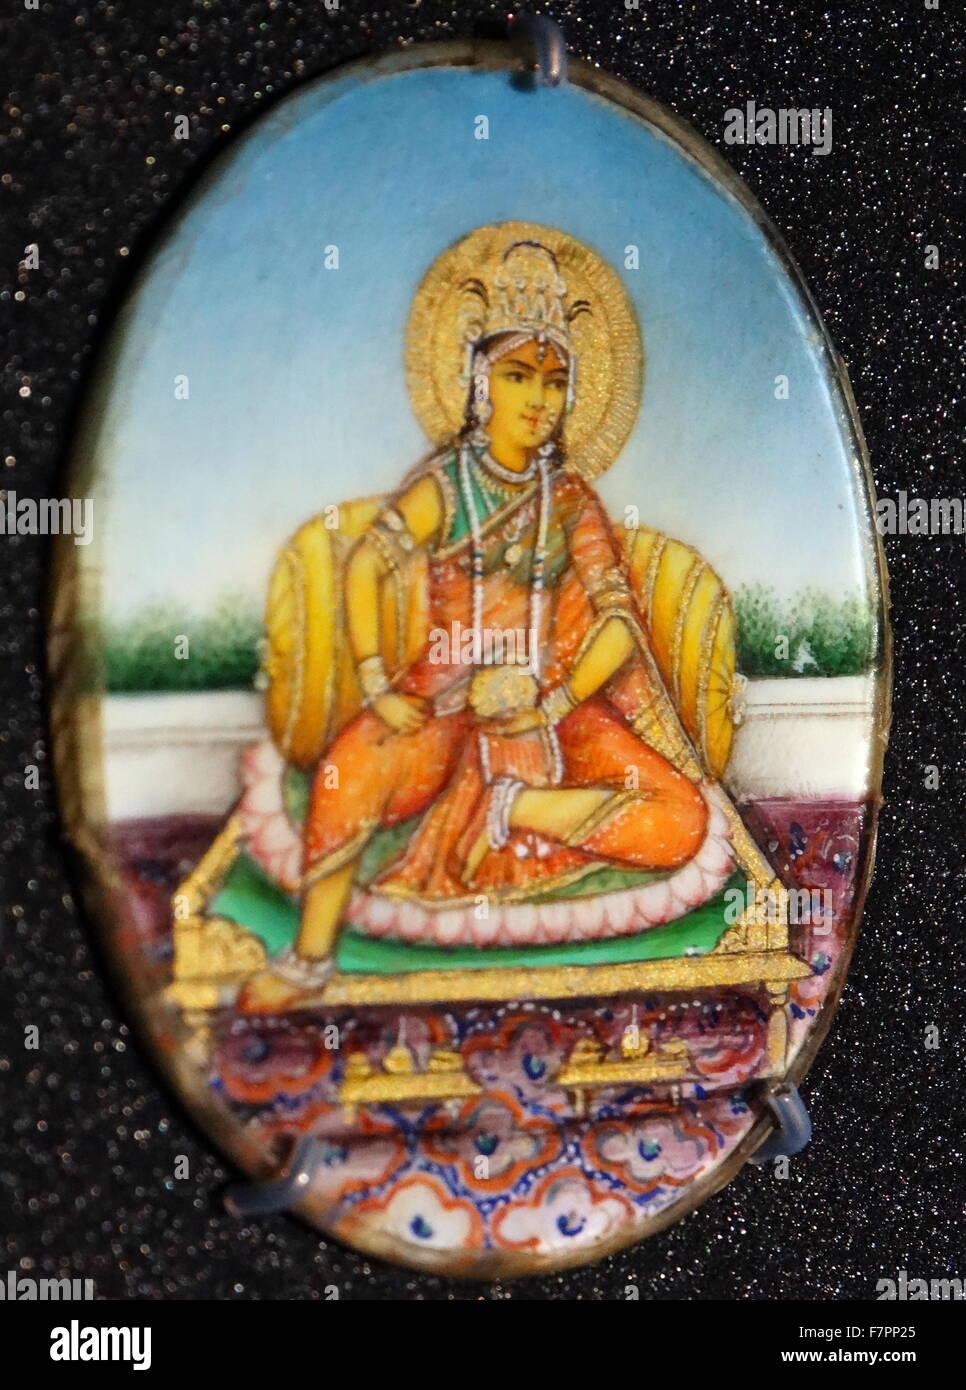 Divinità indù, Sarasvati . Da una collezione di roundels della divinità Indù. Gouache su avorio Immagini Stock